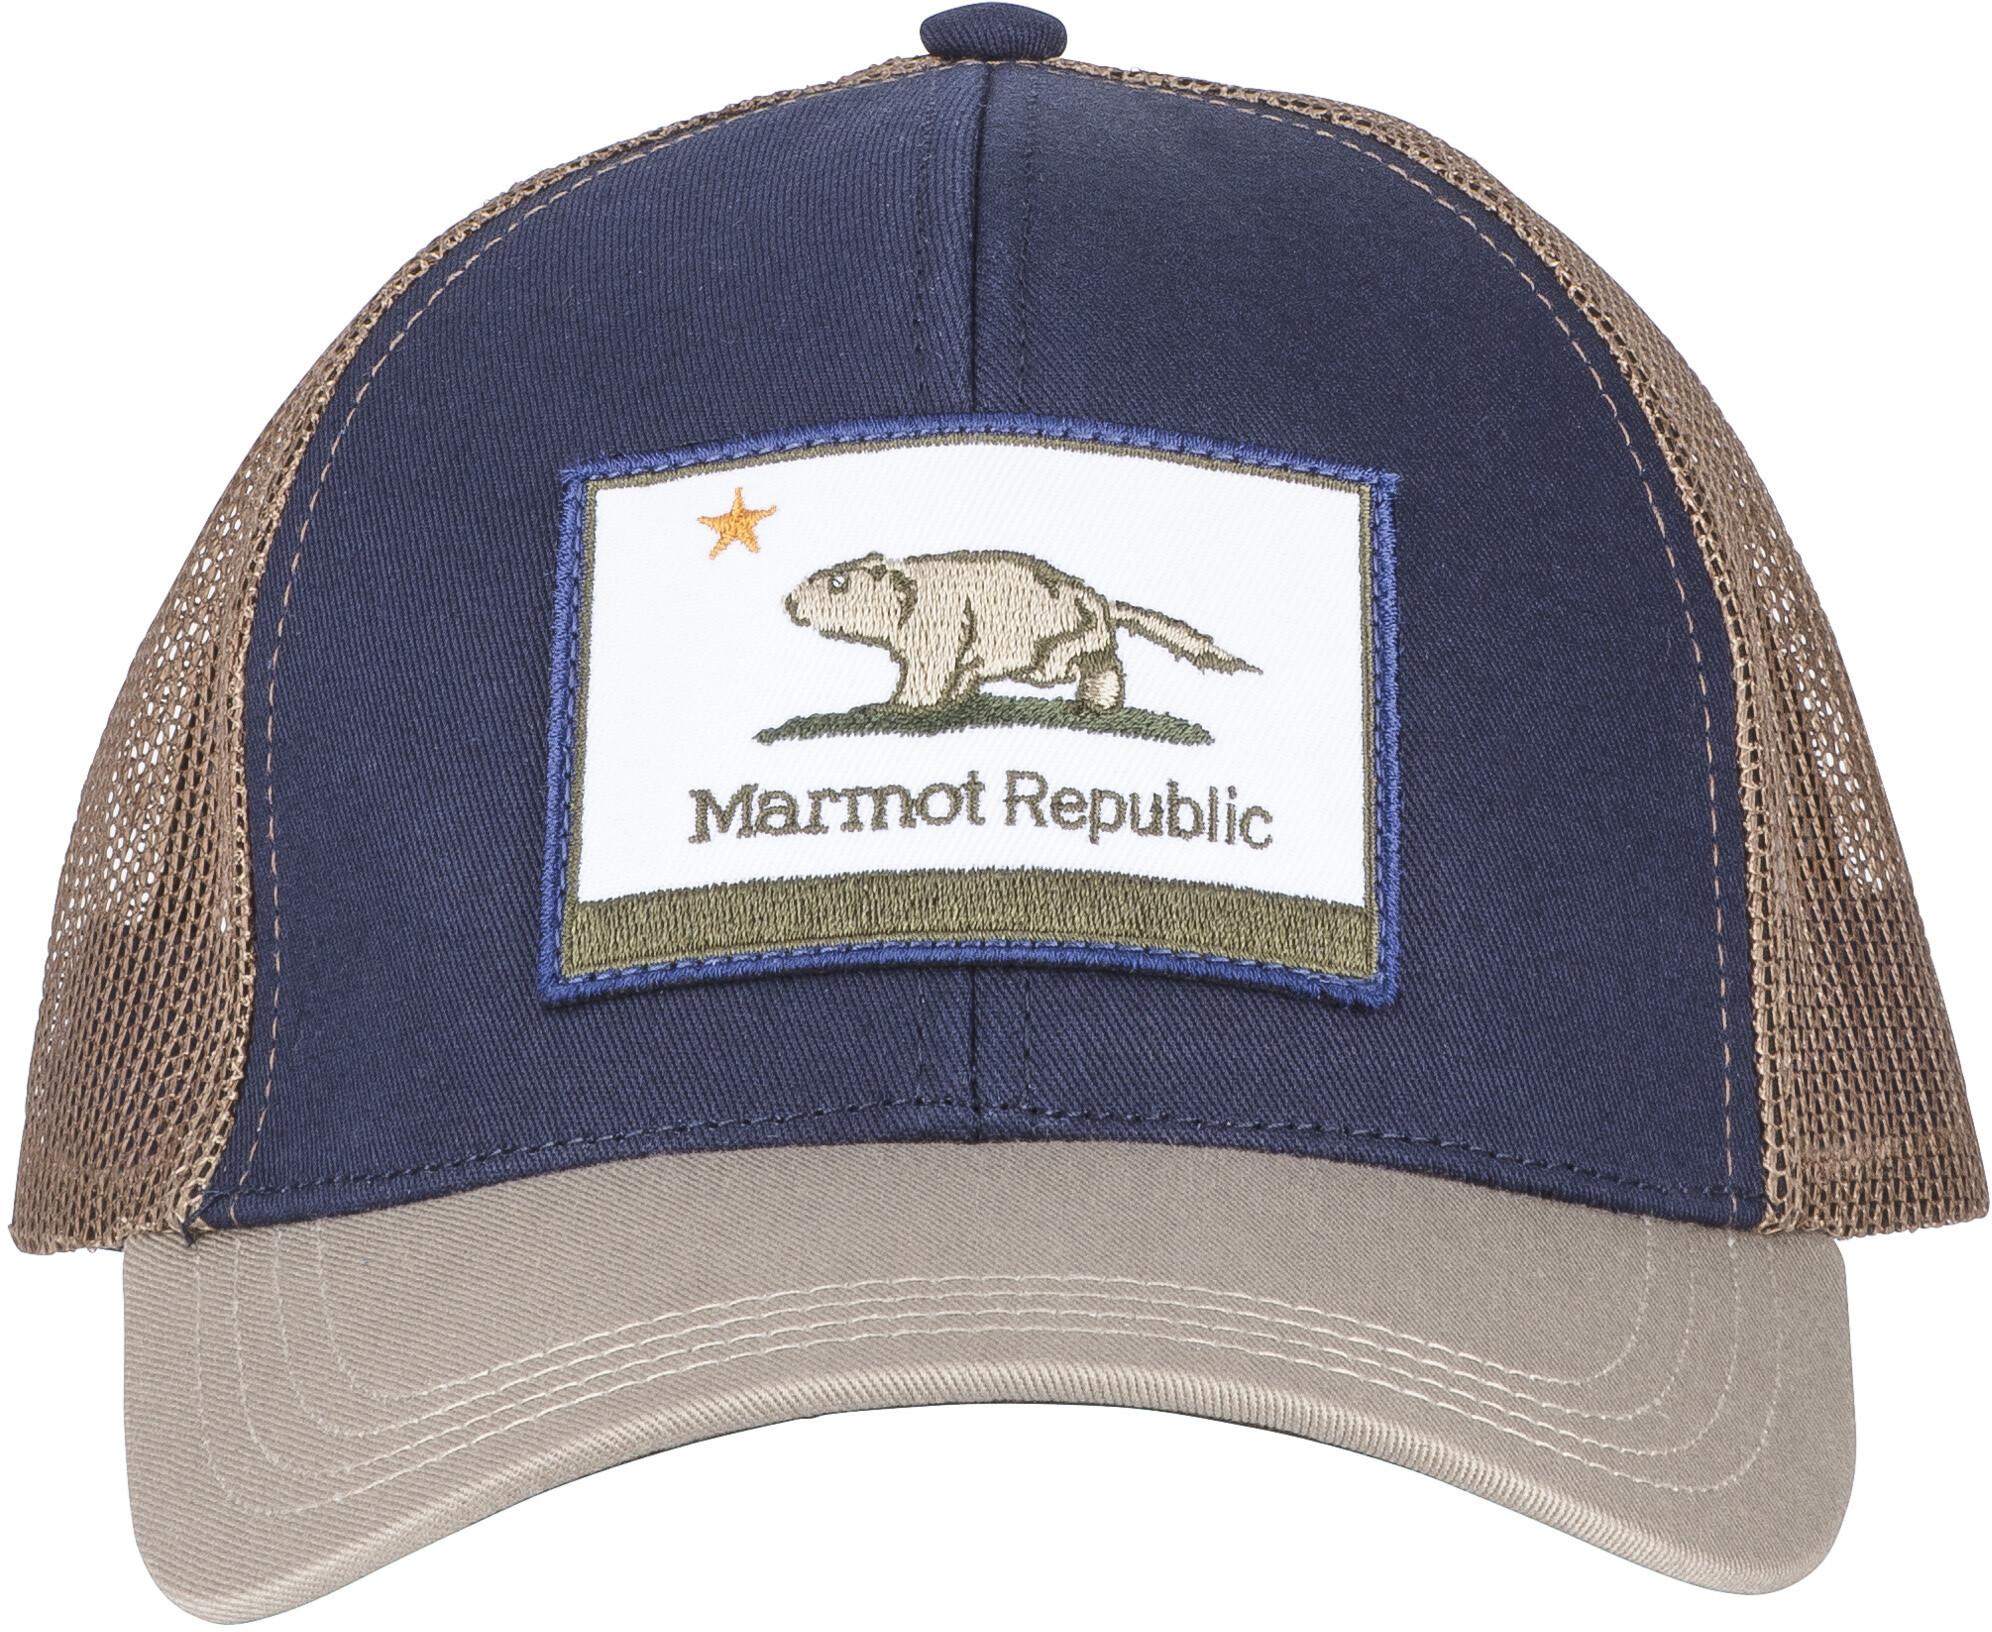 magasin discount classique nouveau authentique Marmot Republic Casquette trucker, vintage navy/light khaki